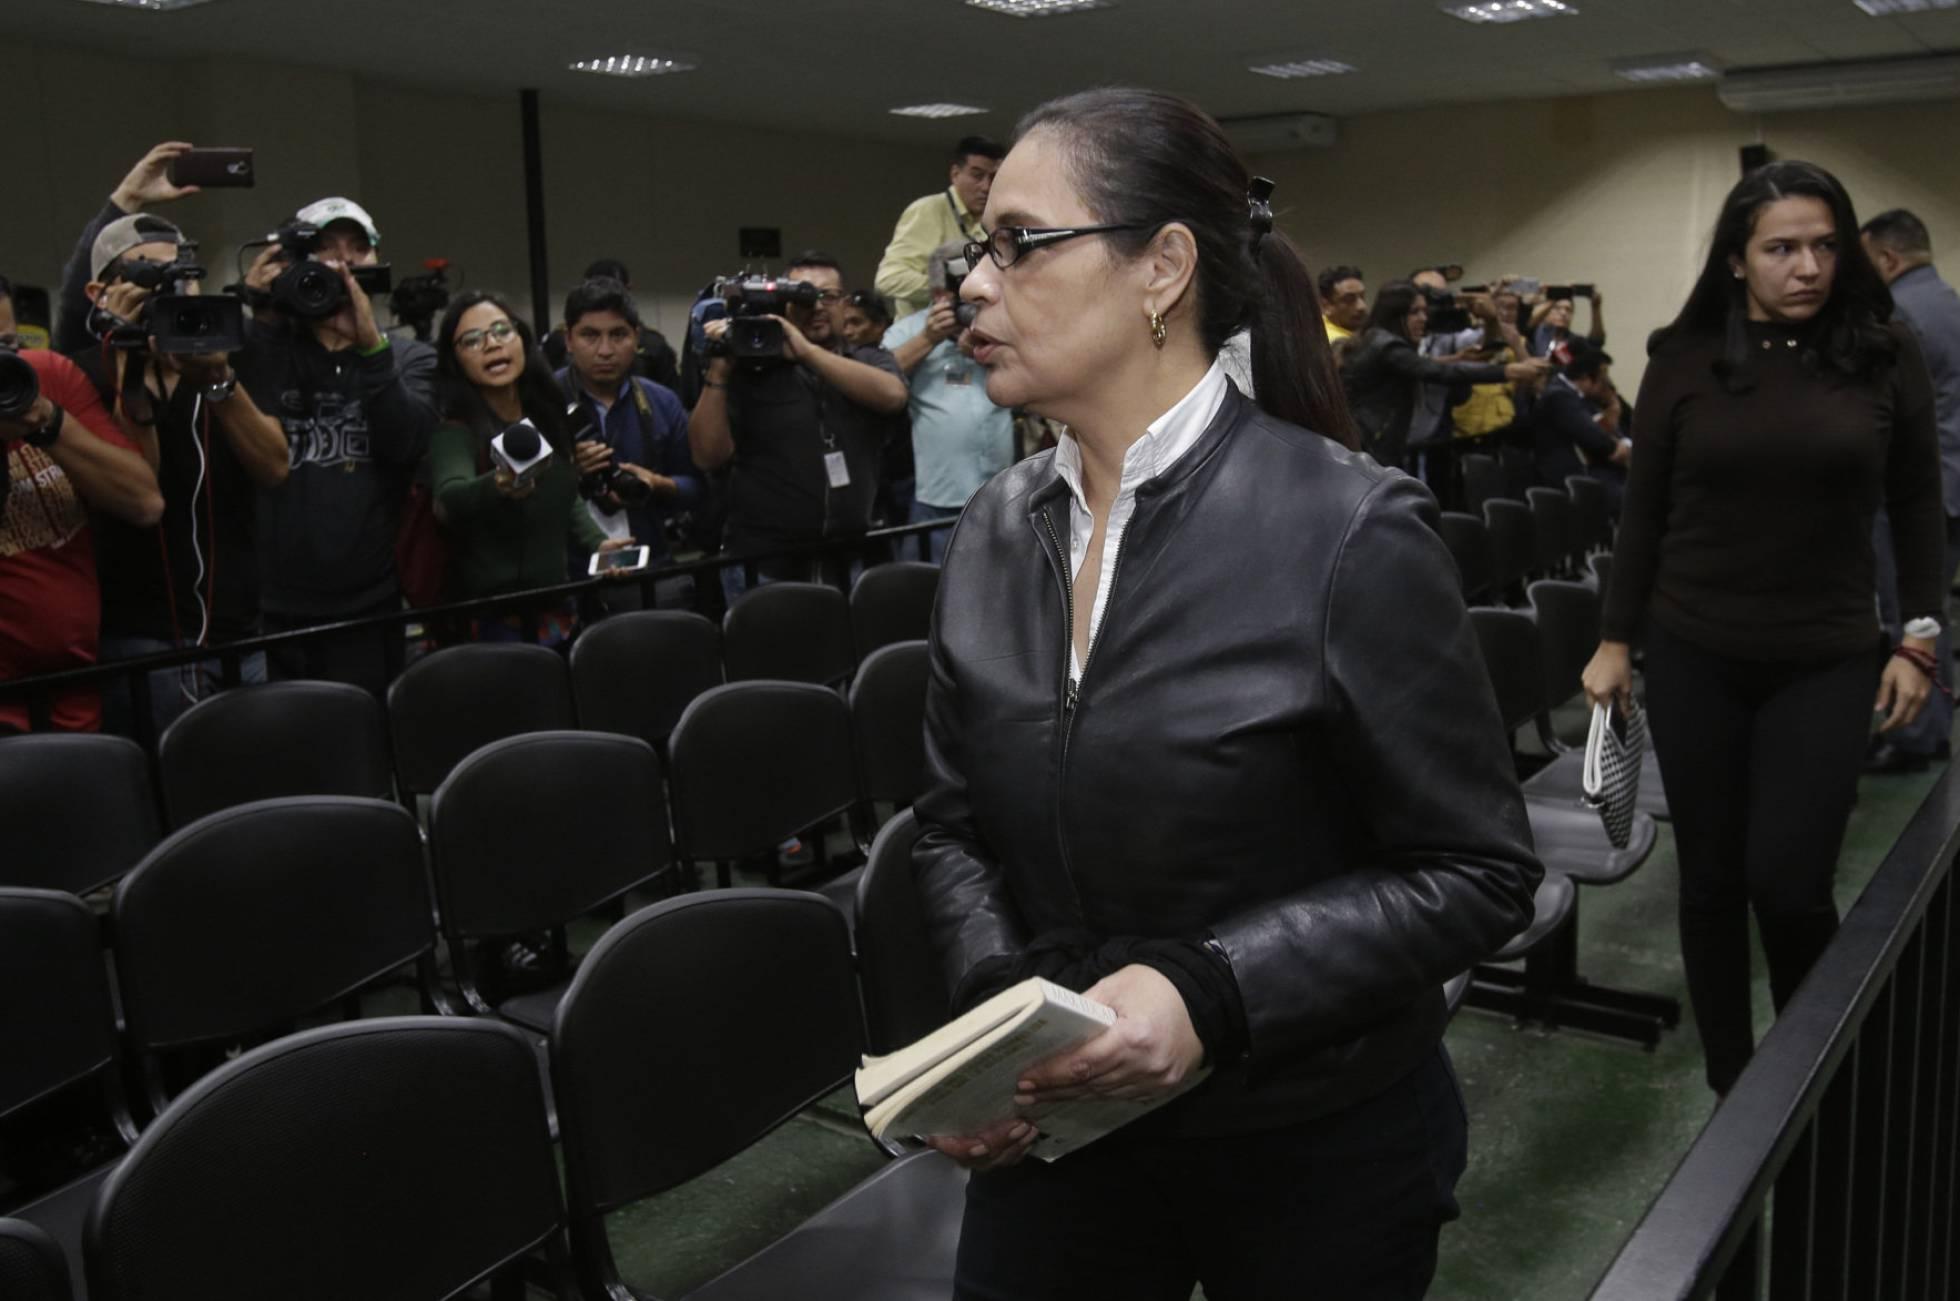 Condenada a 15 años de cárcel la exvicepresidenta de Guatemala Roxana Baldetti por corrupción